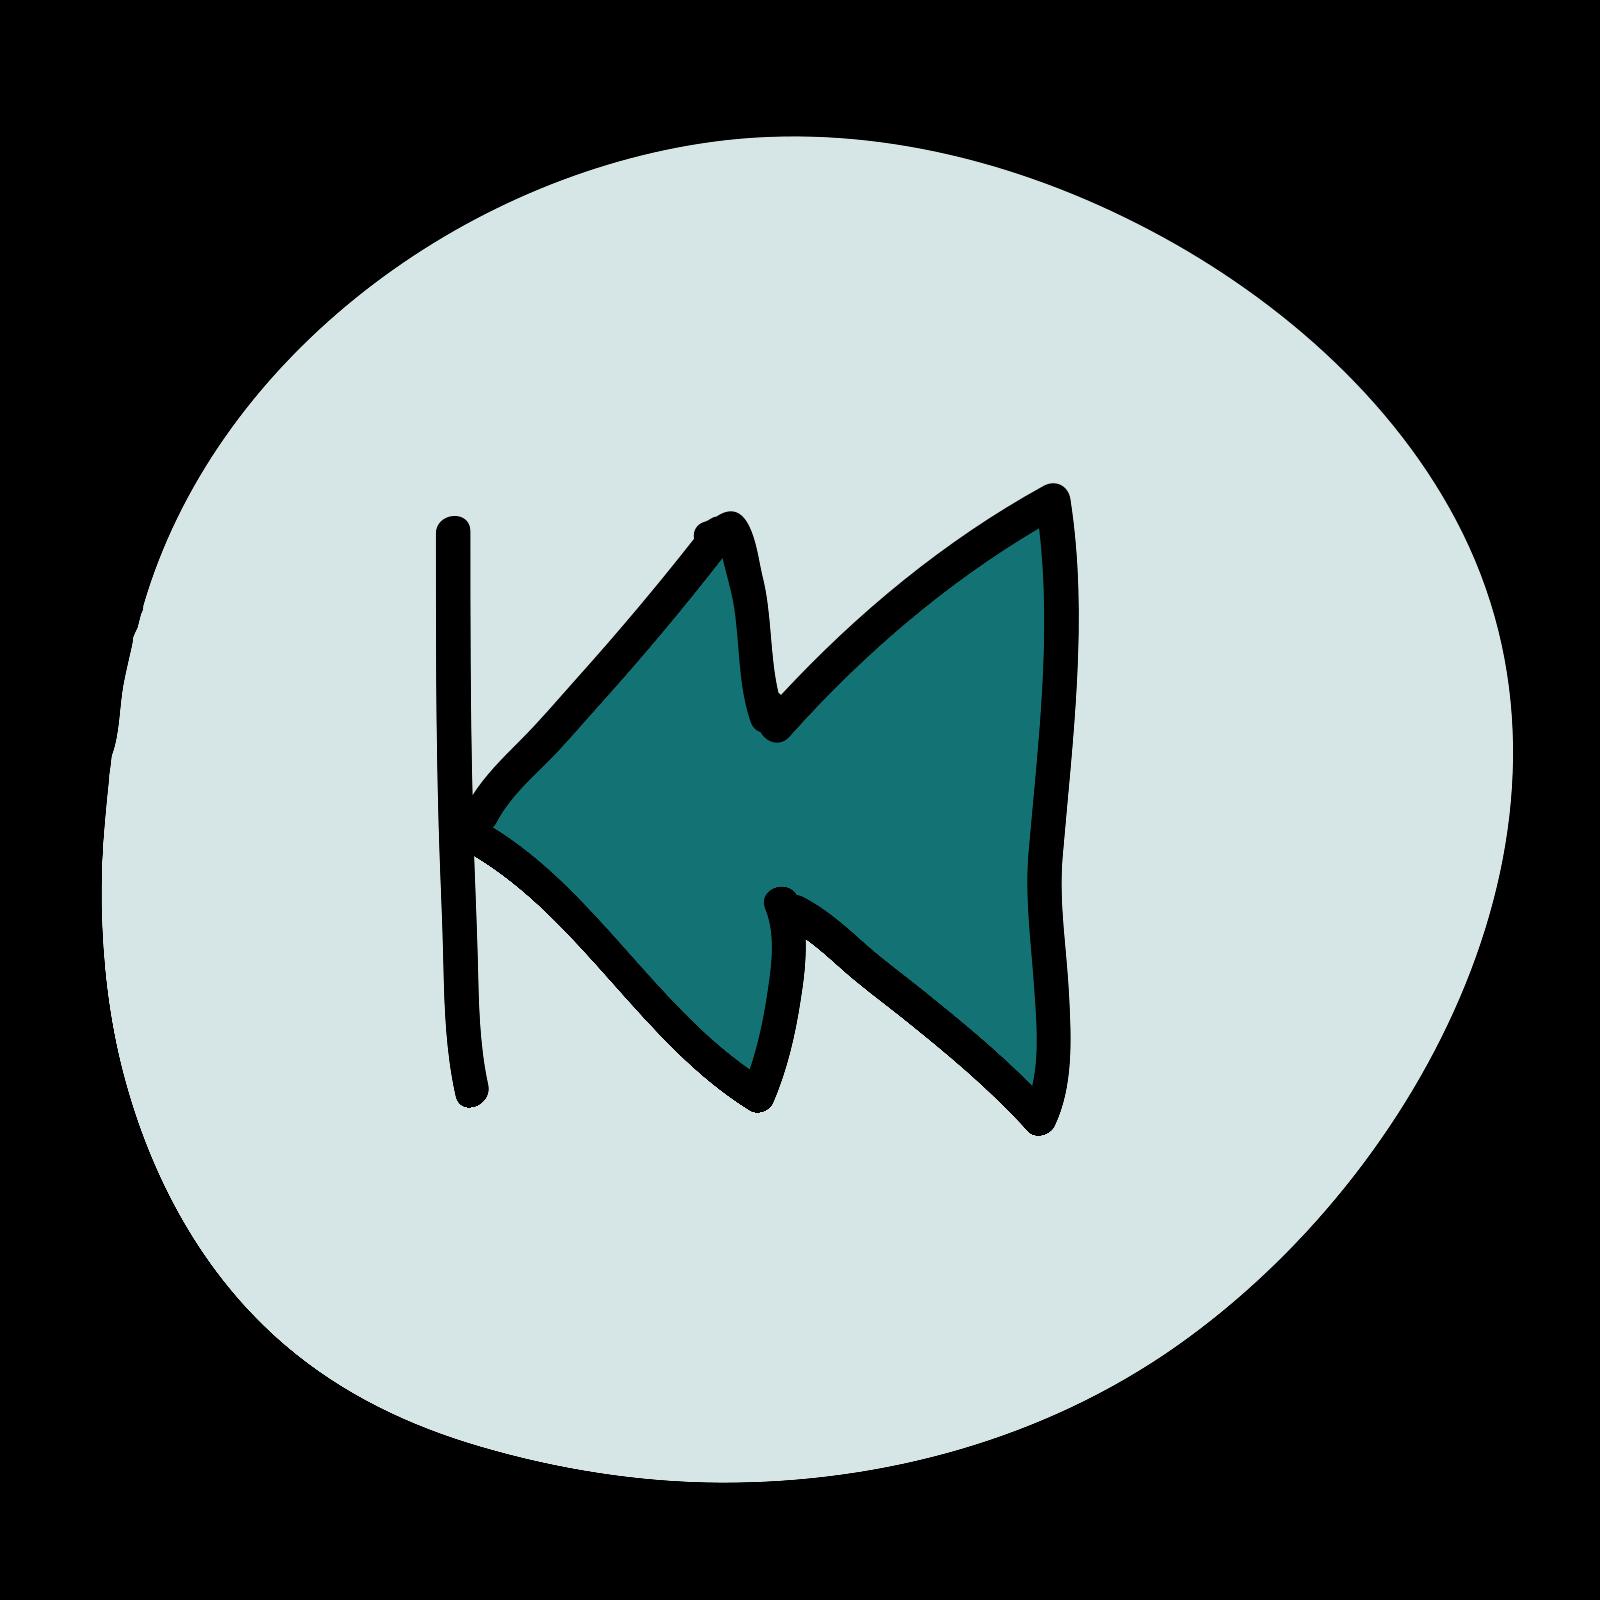 Rewind Button Round icon